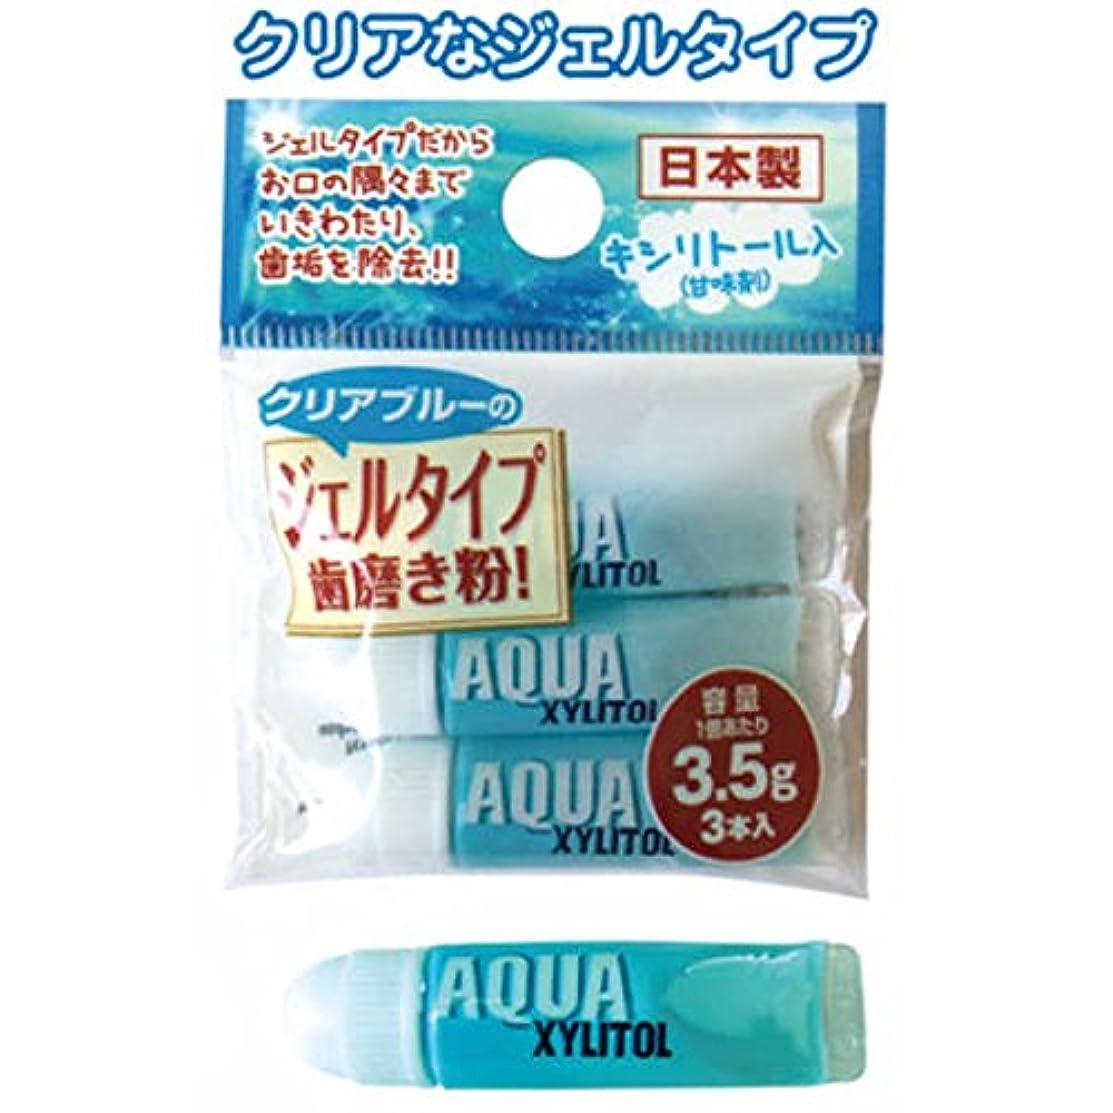 ポーチ承認飲み込むデンタルジェル(3本入)日本製 japan 【まとめ買い12個セット】 41-083